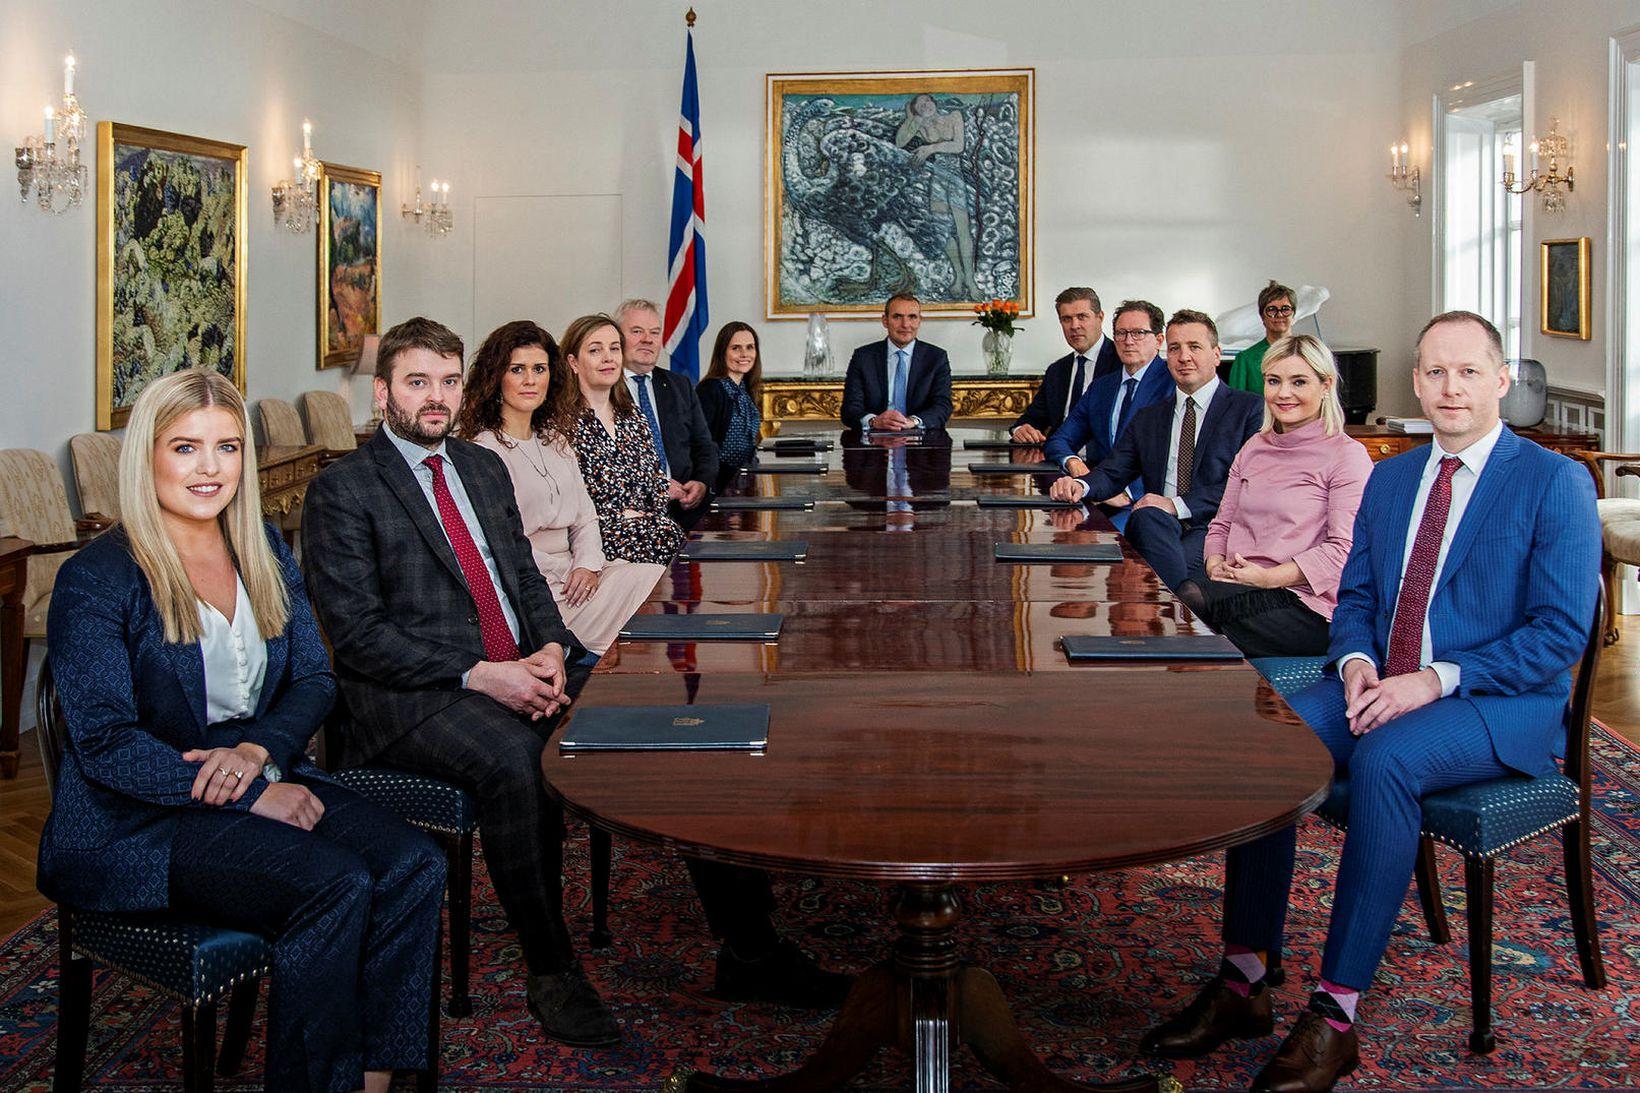 Ríkisstjórn Íslands ásamt Guðna Th. Jóhannessyni, forseta Íslands, á síðasta …